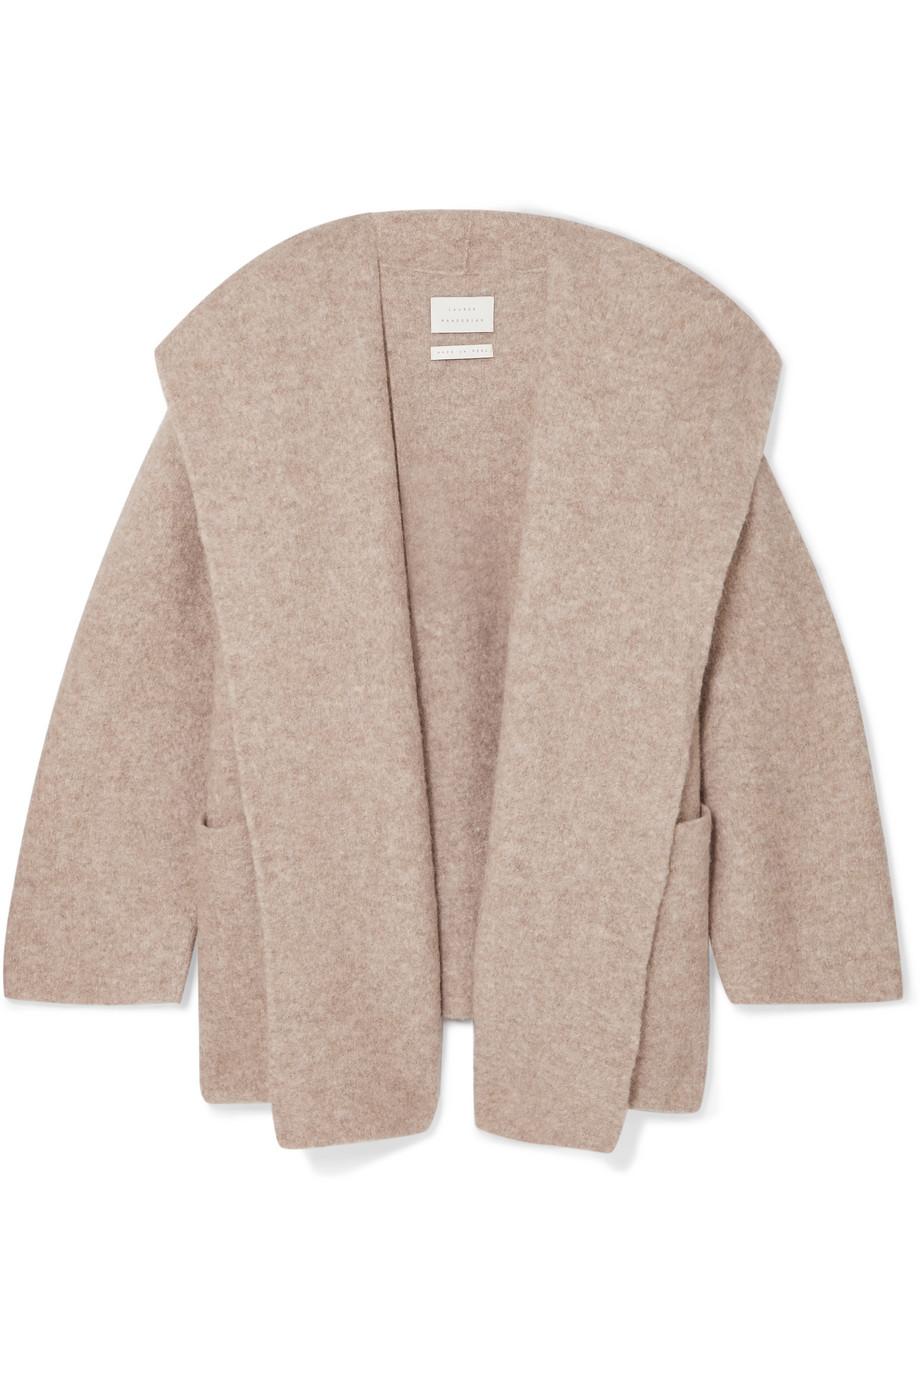 Lauren Manoogian Knitted coat